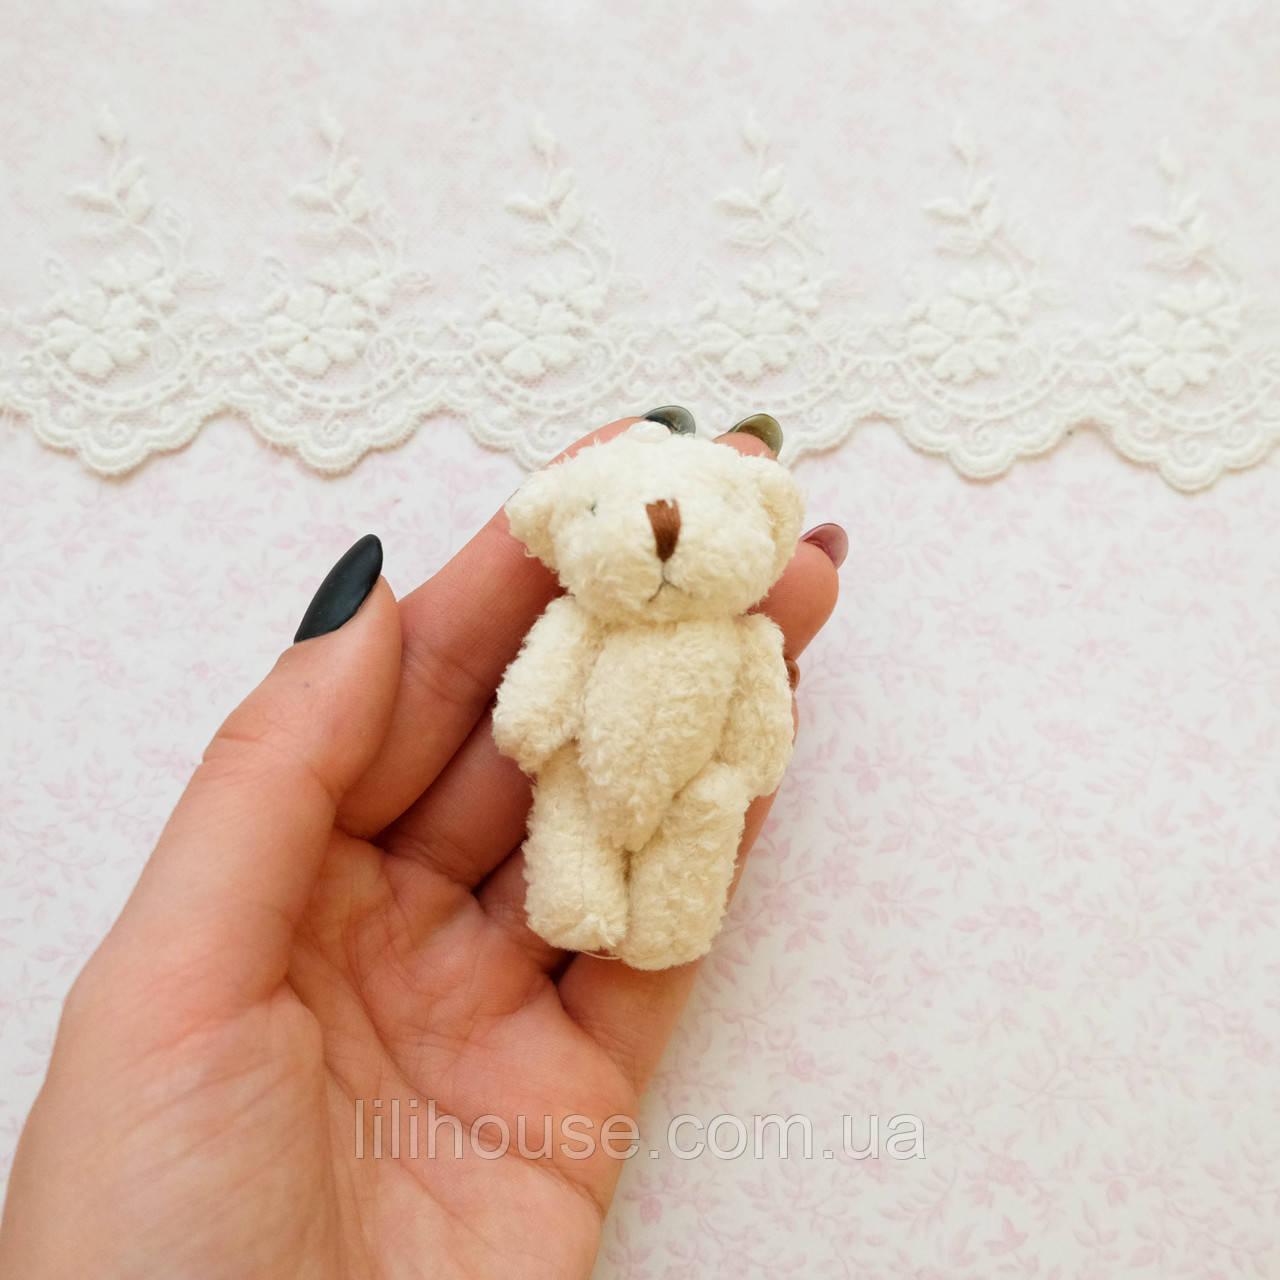 Мягкая Игрушка Медвежонок 6.5 см МОЛОЧНЫЙ